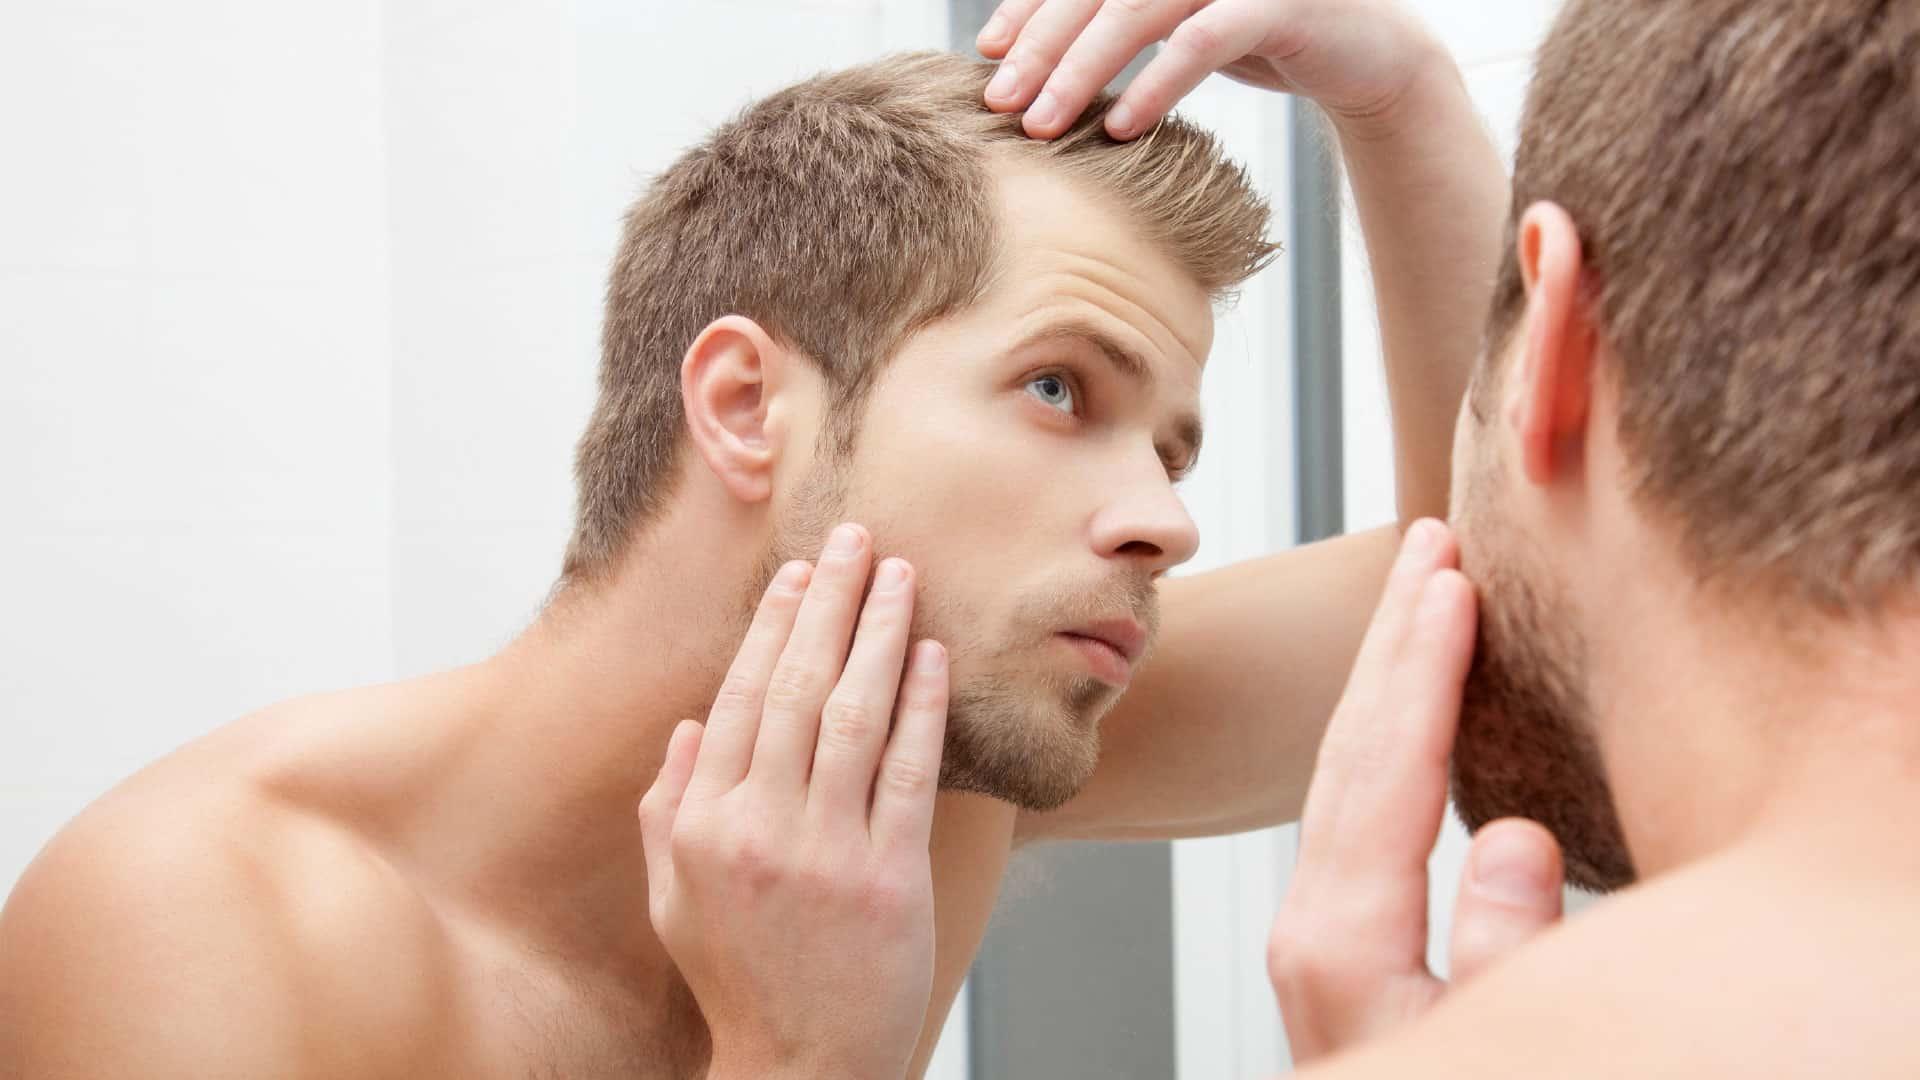 acupuntura estética para queda de cabelo